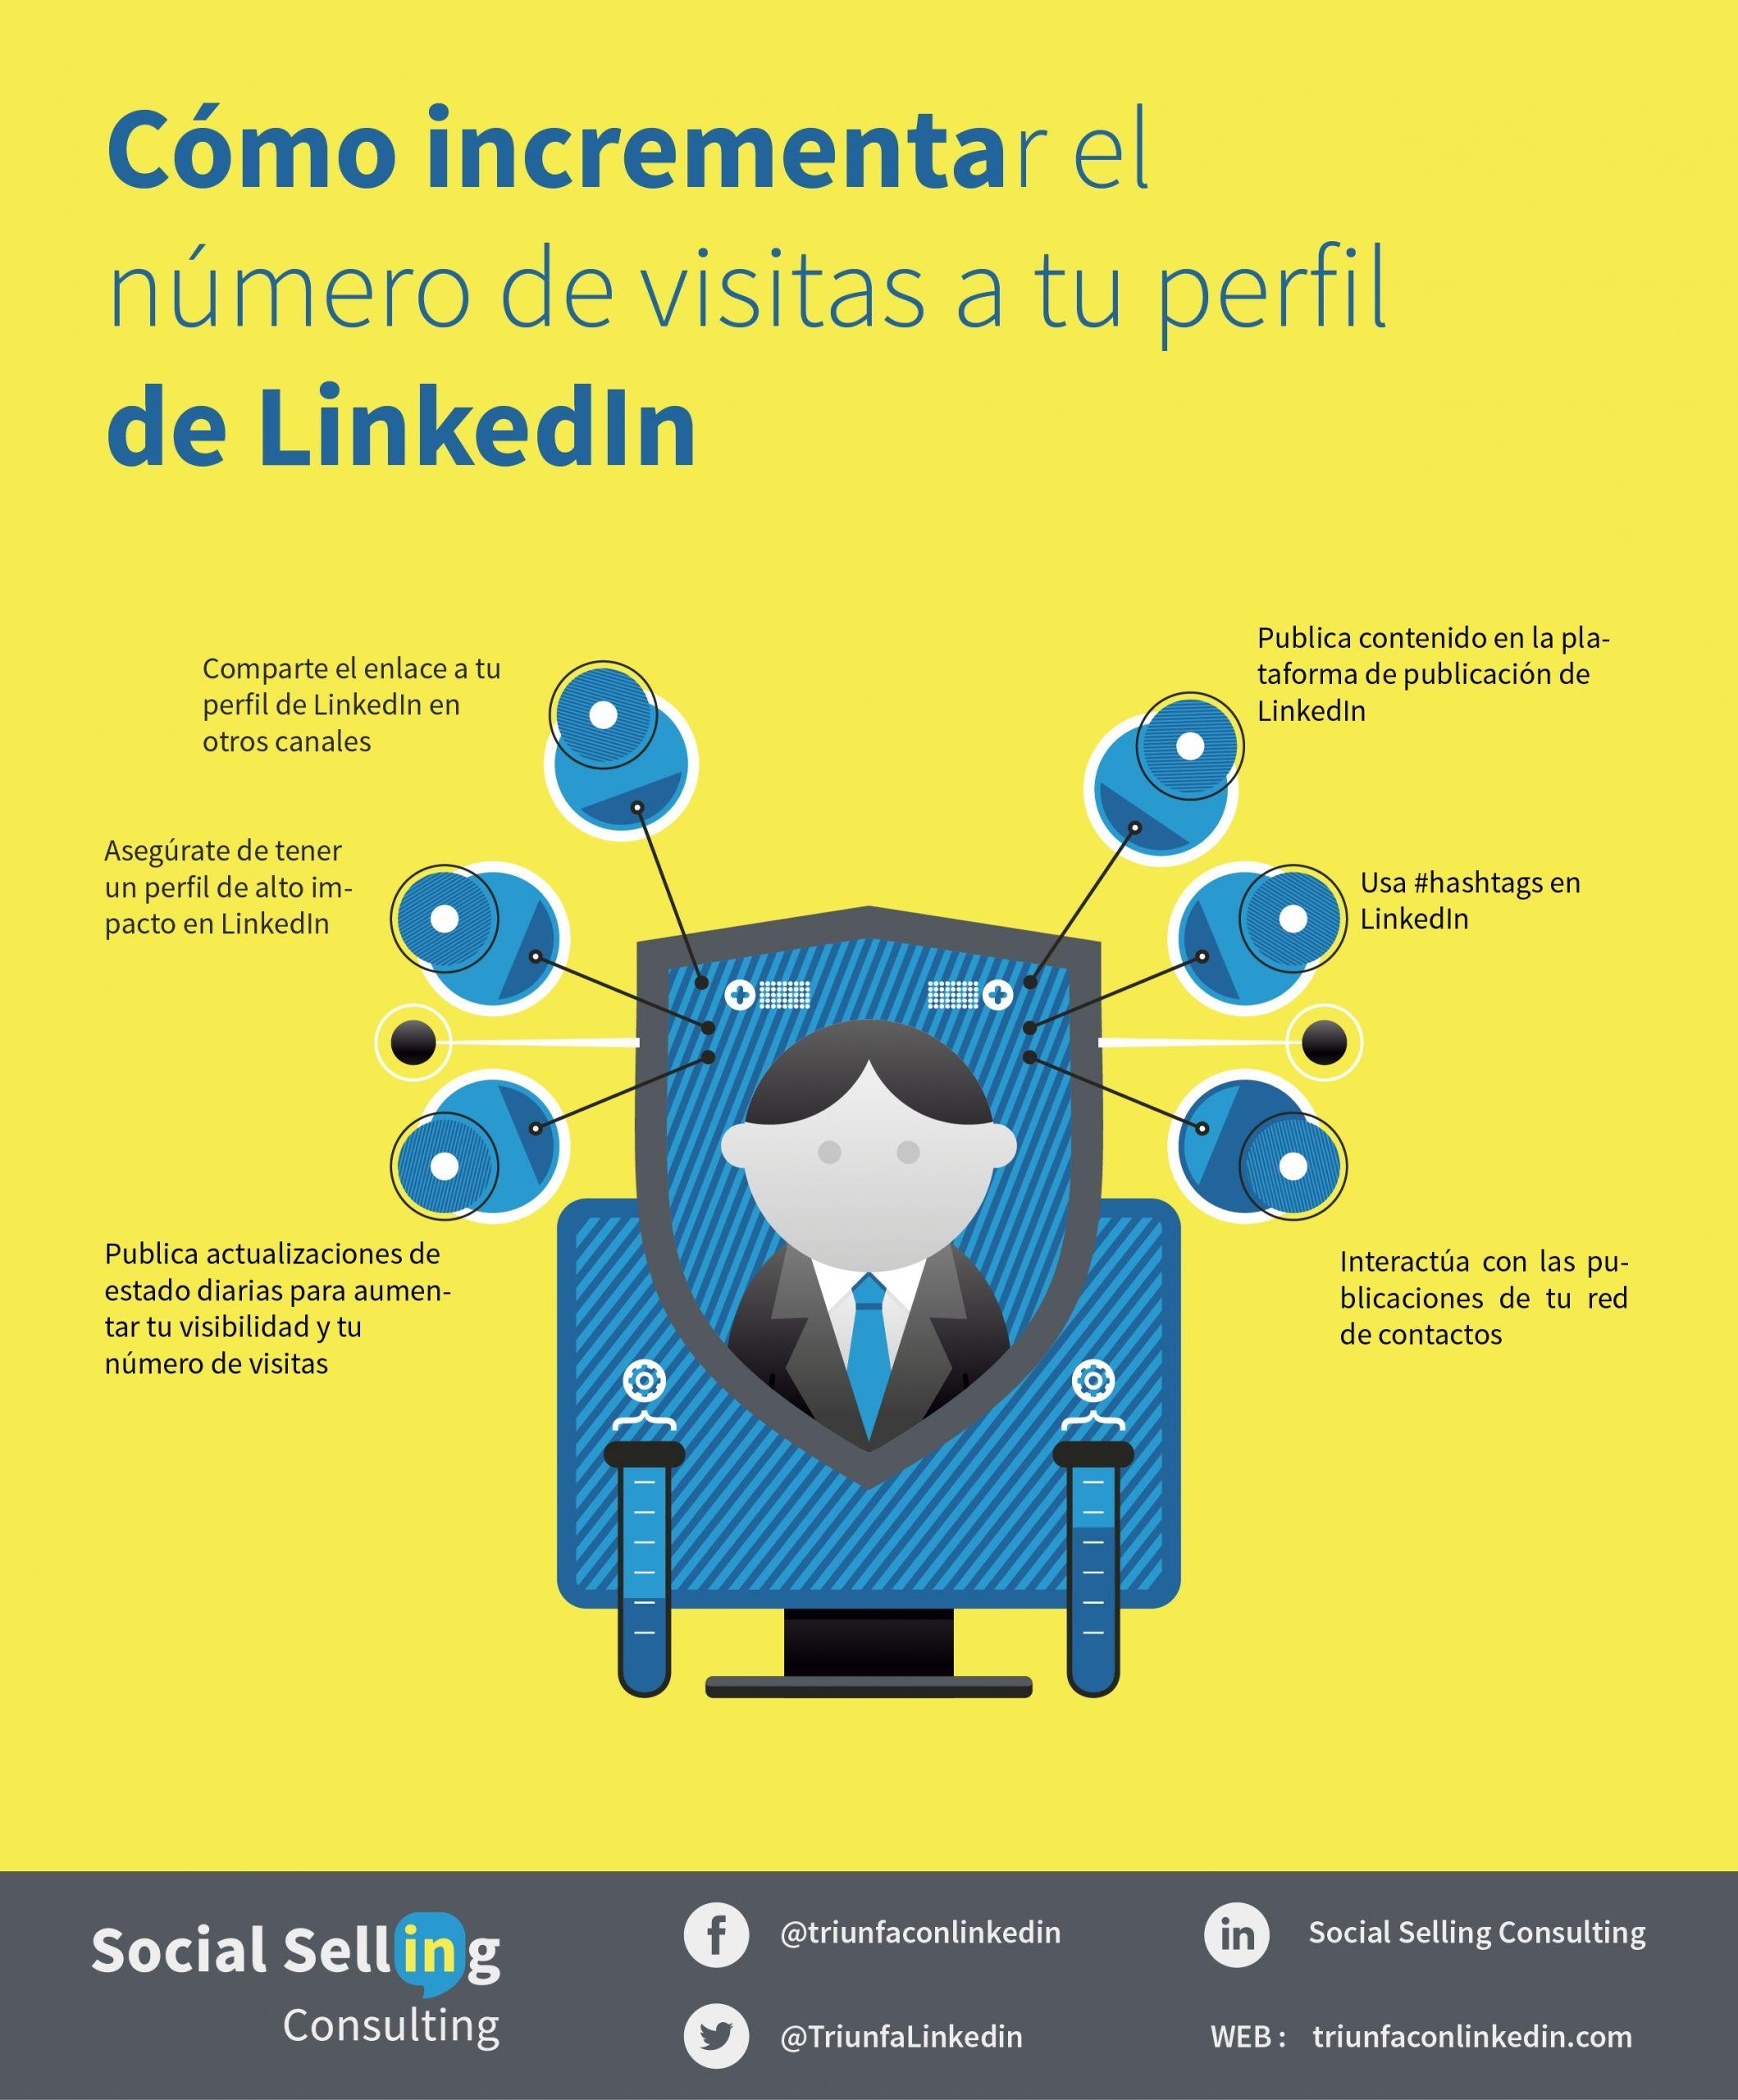 Cómo incrementar el número de visitas a tu perfil de LinkedIn